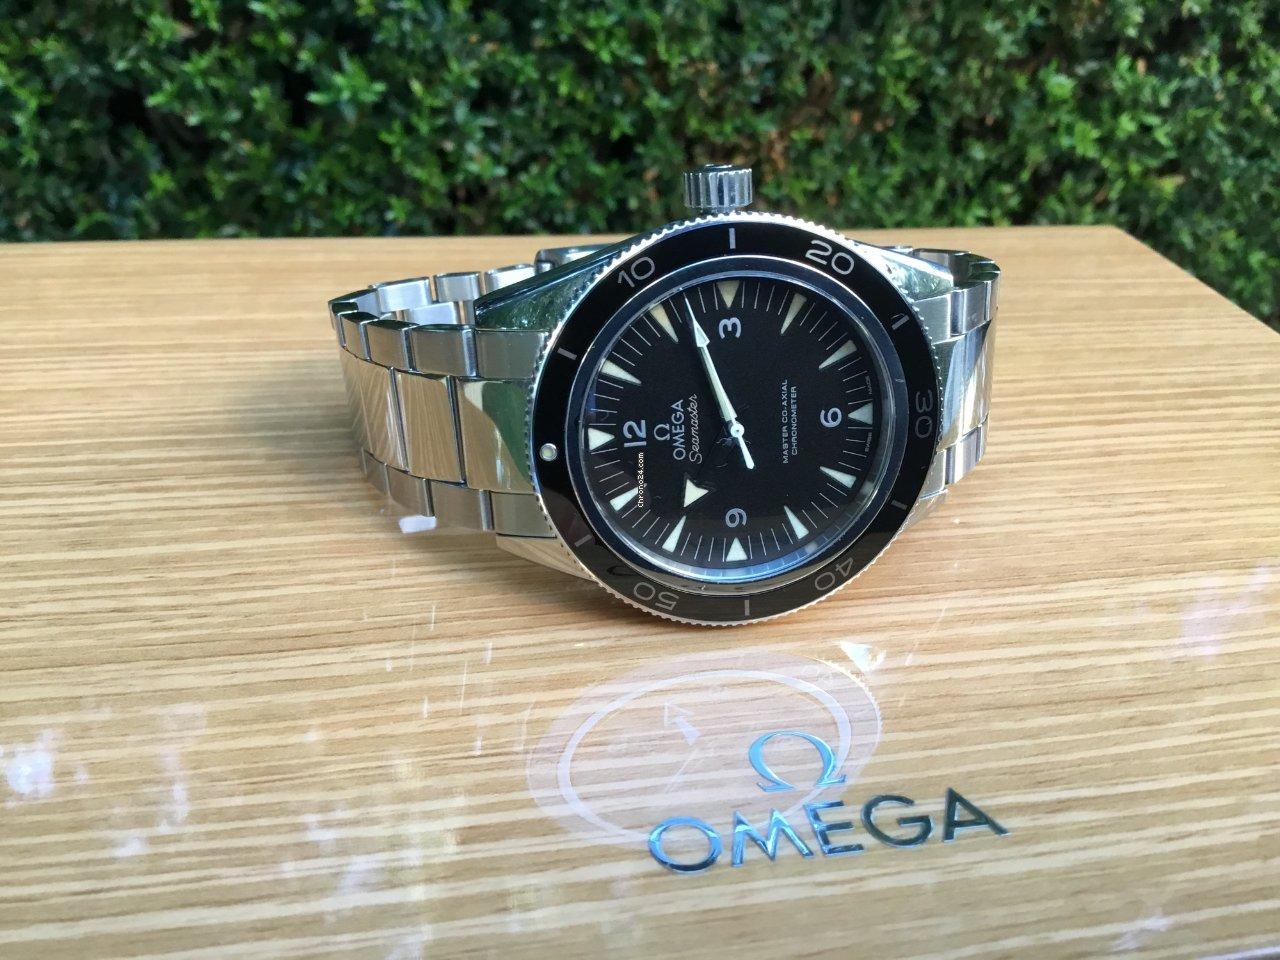 Használt Omega Seamaster 300 órák  117fc6f38a